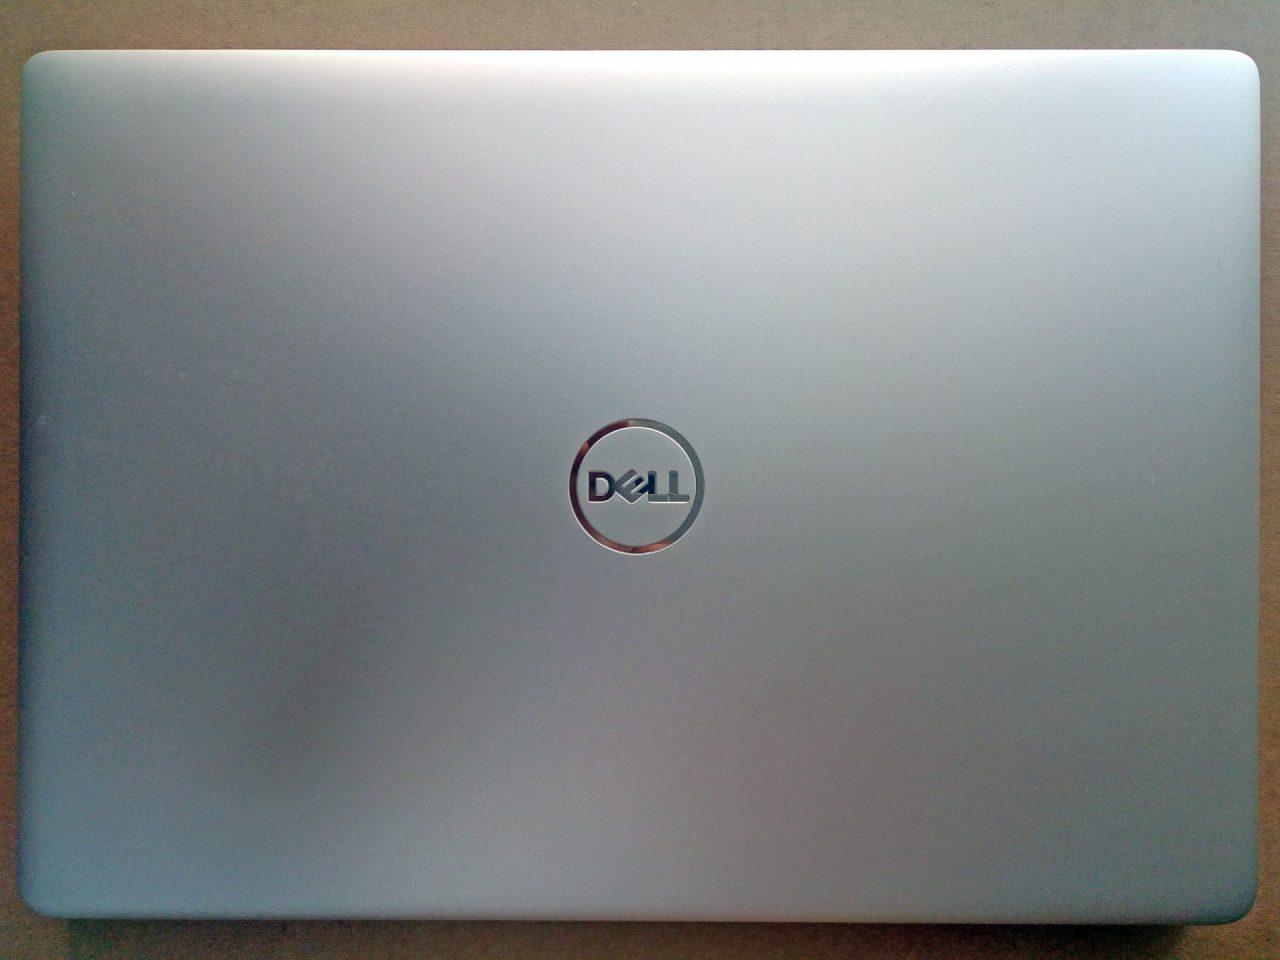 DELLのノートパソコン『Inspiron 14 5000(5485) Ryzen5』をレビュー|想像以上にサクサク動きます